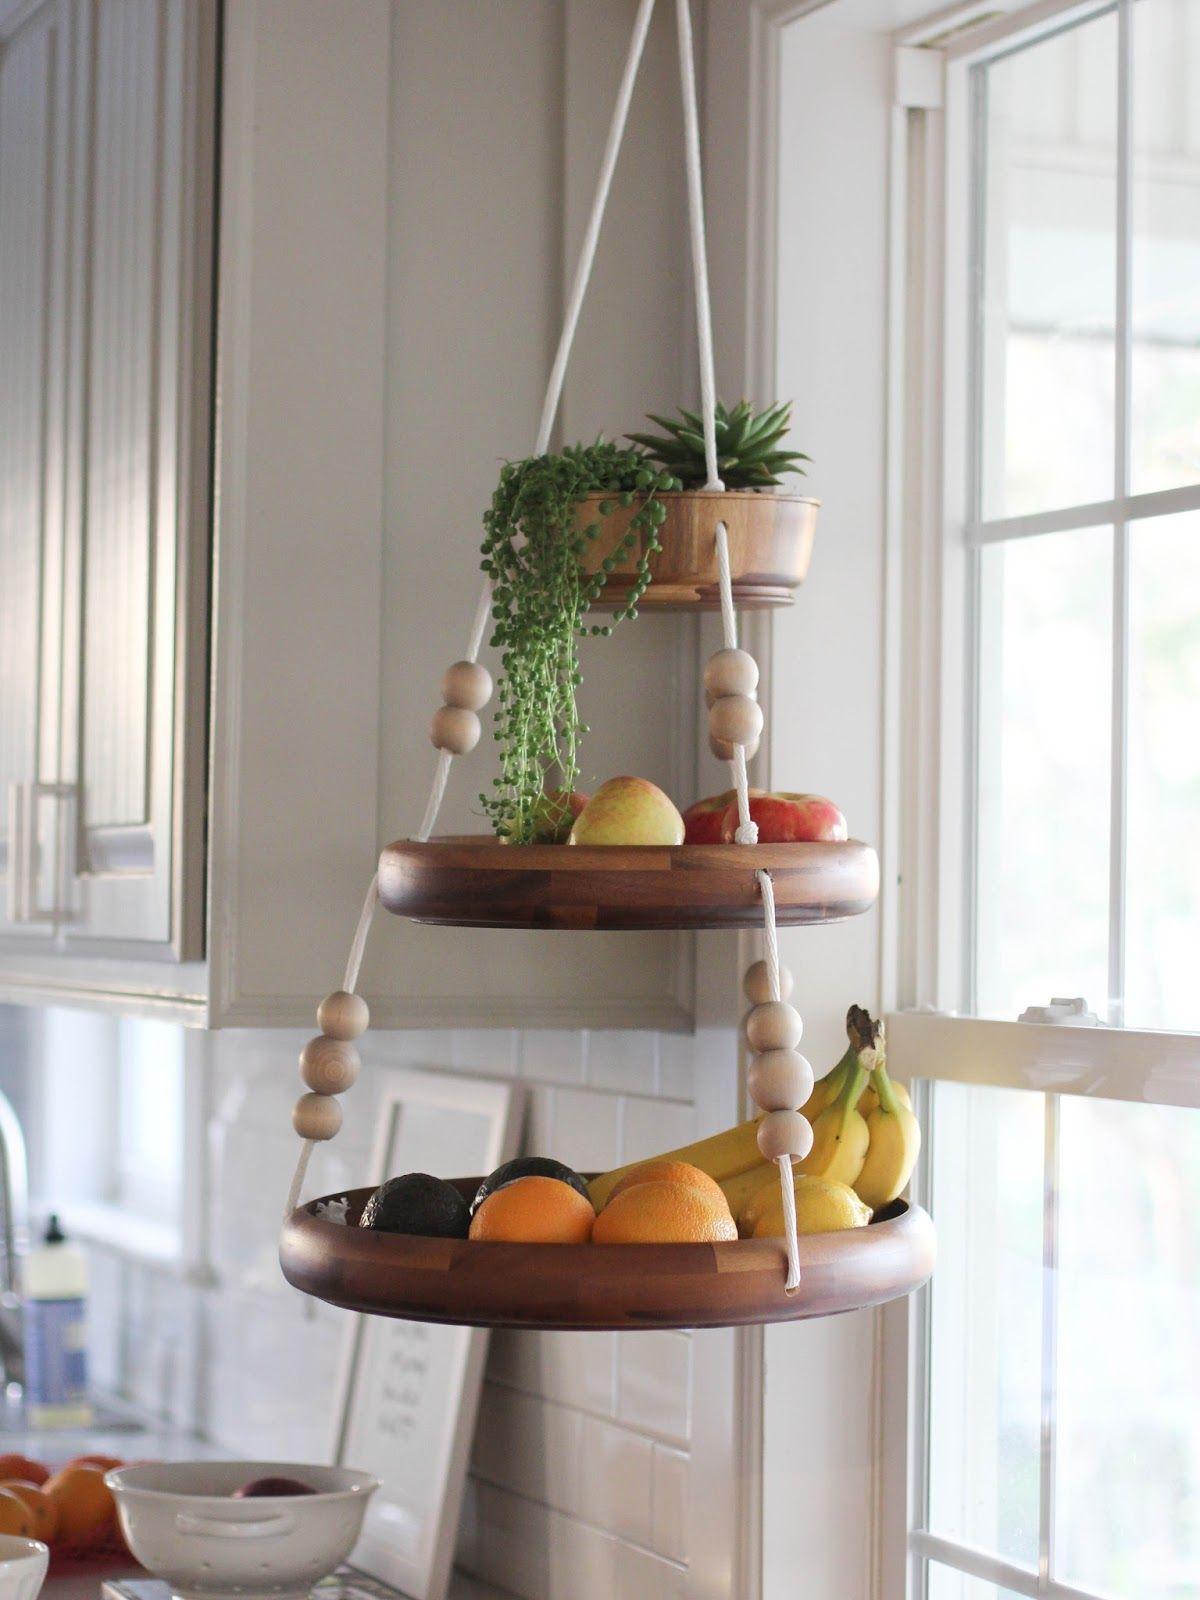 Wooden Hanging Fruit Basket Fruit Baskets Diy Home Decor